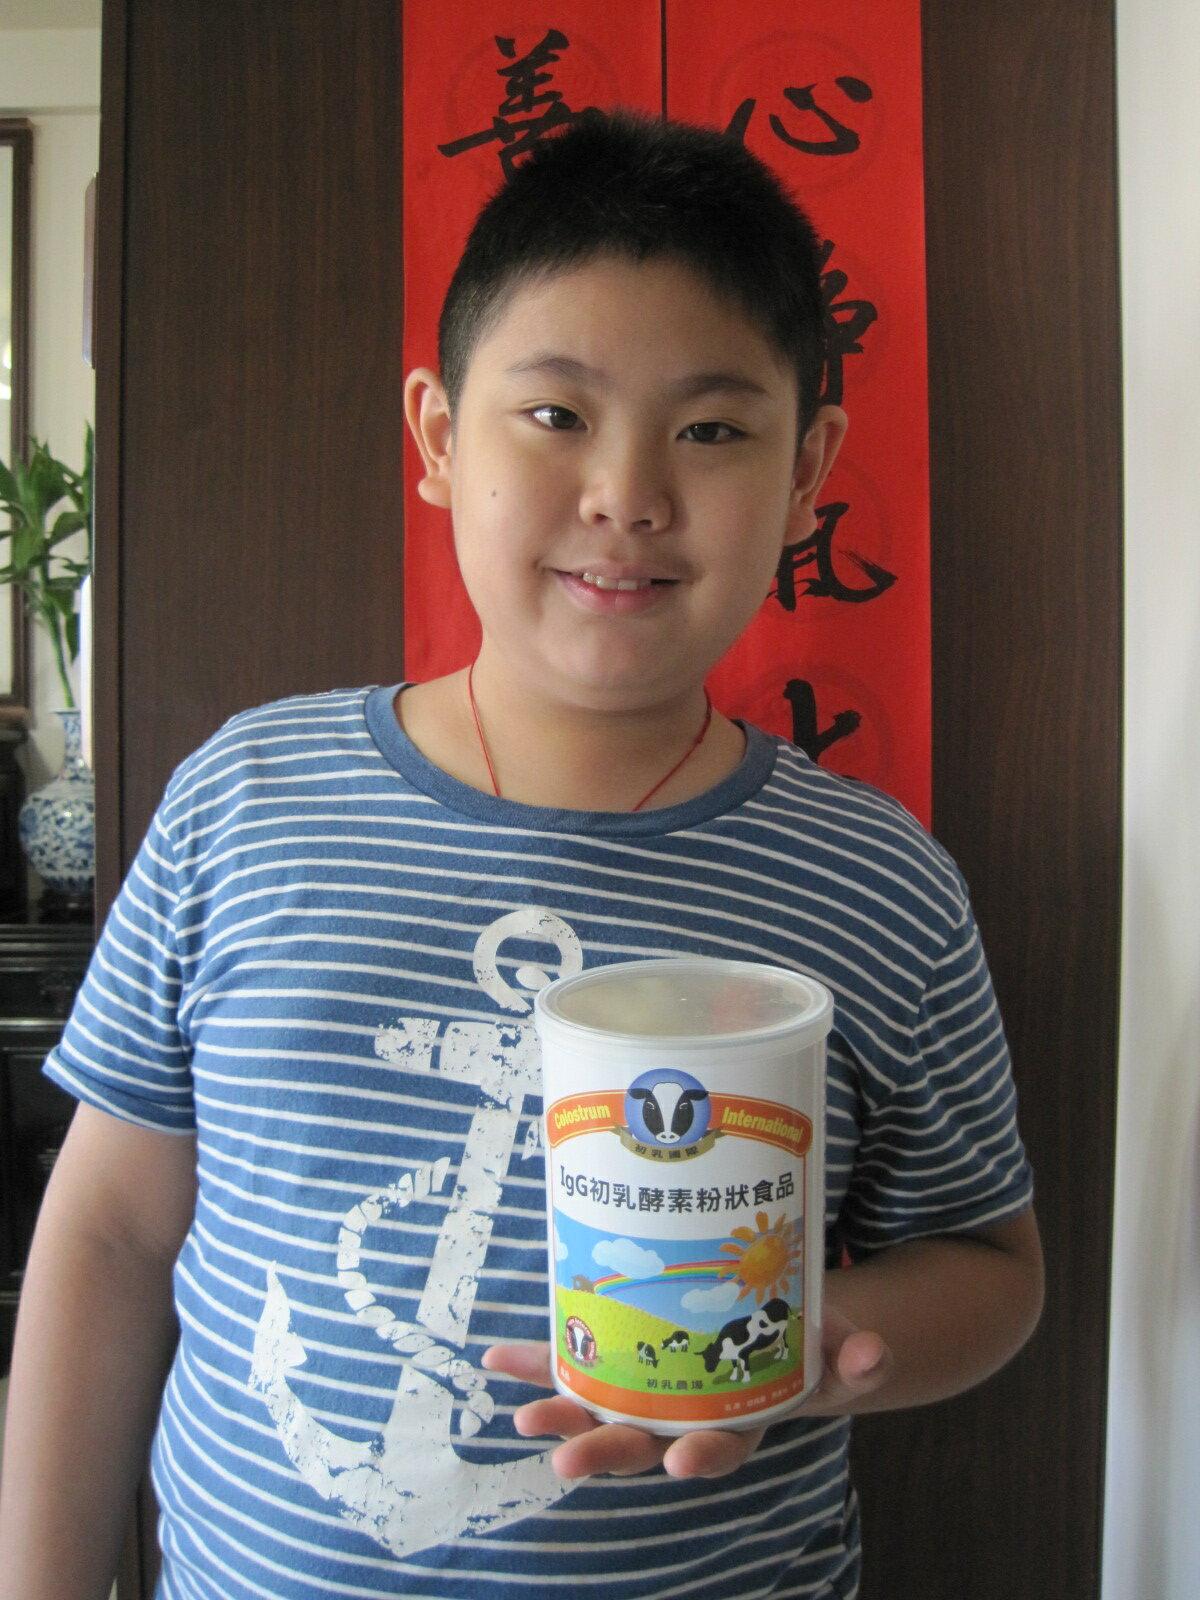 【牛初乳粉狀食品】1罐優惠價1650 5